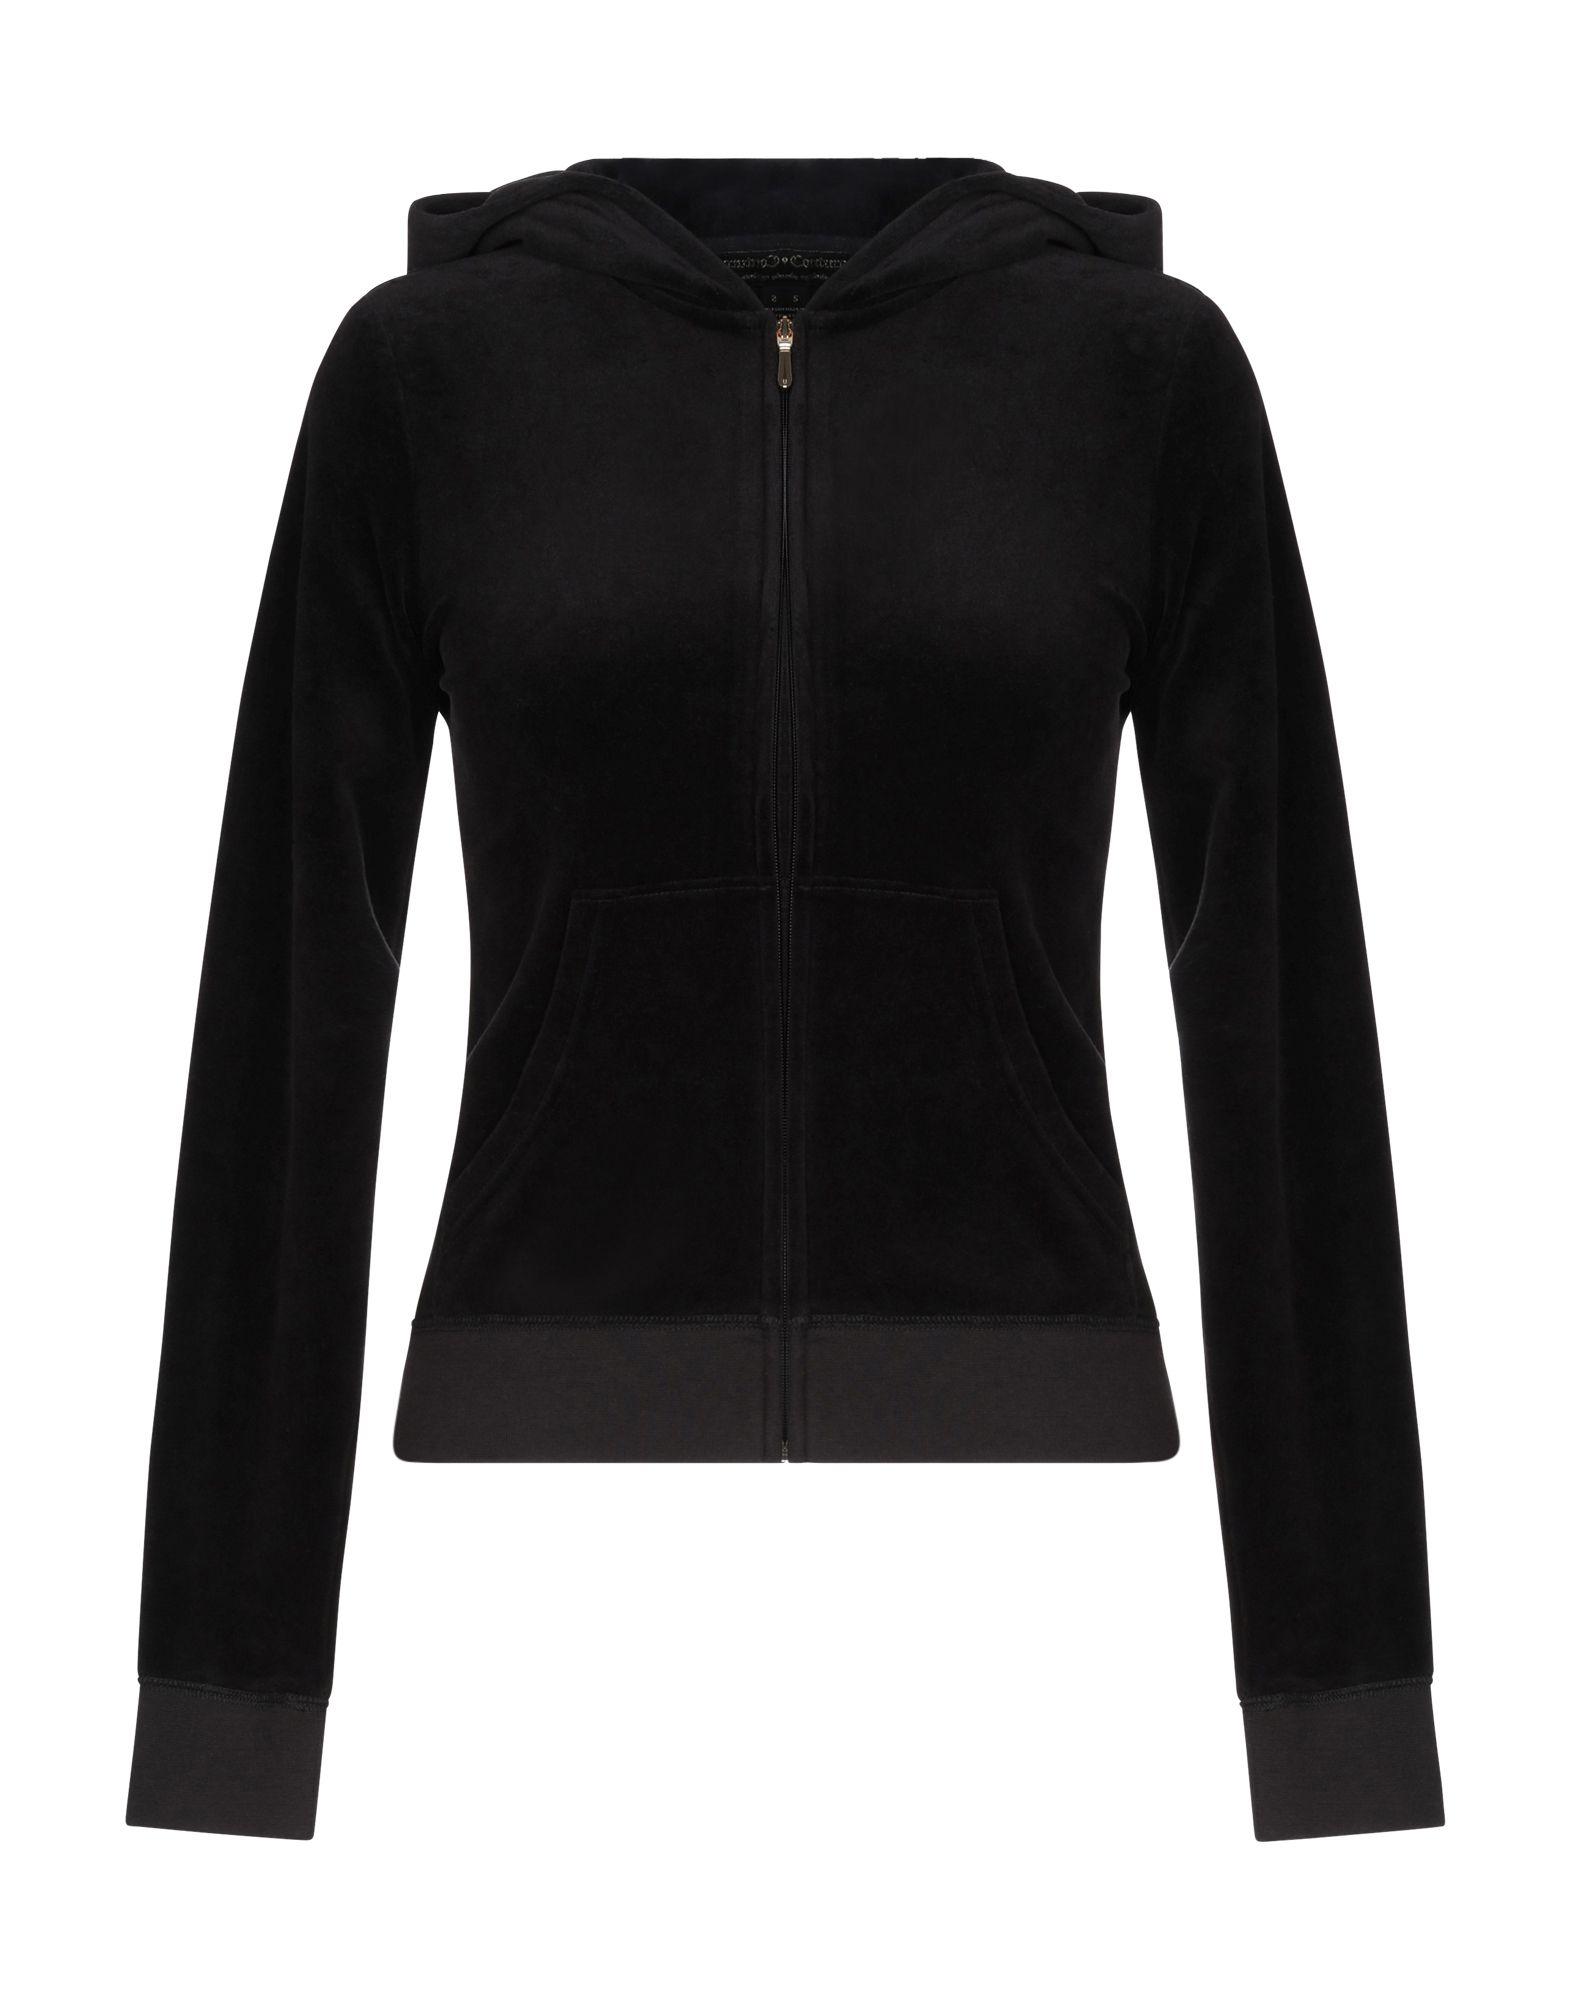 《送料無料》JUICY COUTURE レディース スウェットシャツ ブラック XS コットン 78% / ポリエステル 22%